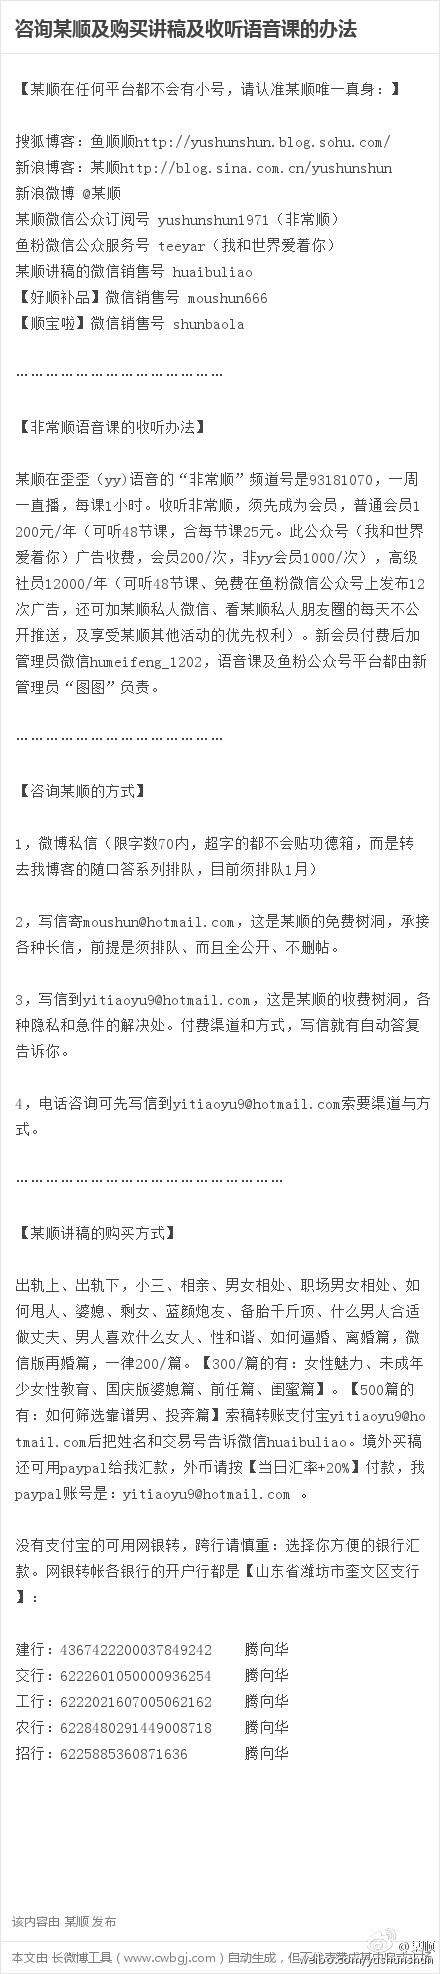 傲游专栏十八期 - yushunshun - 鱼顺顺的博客